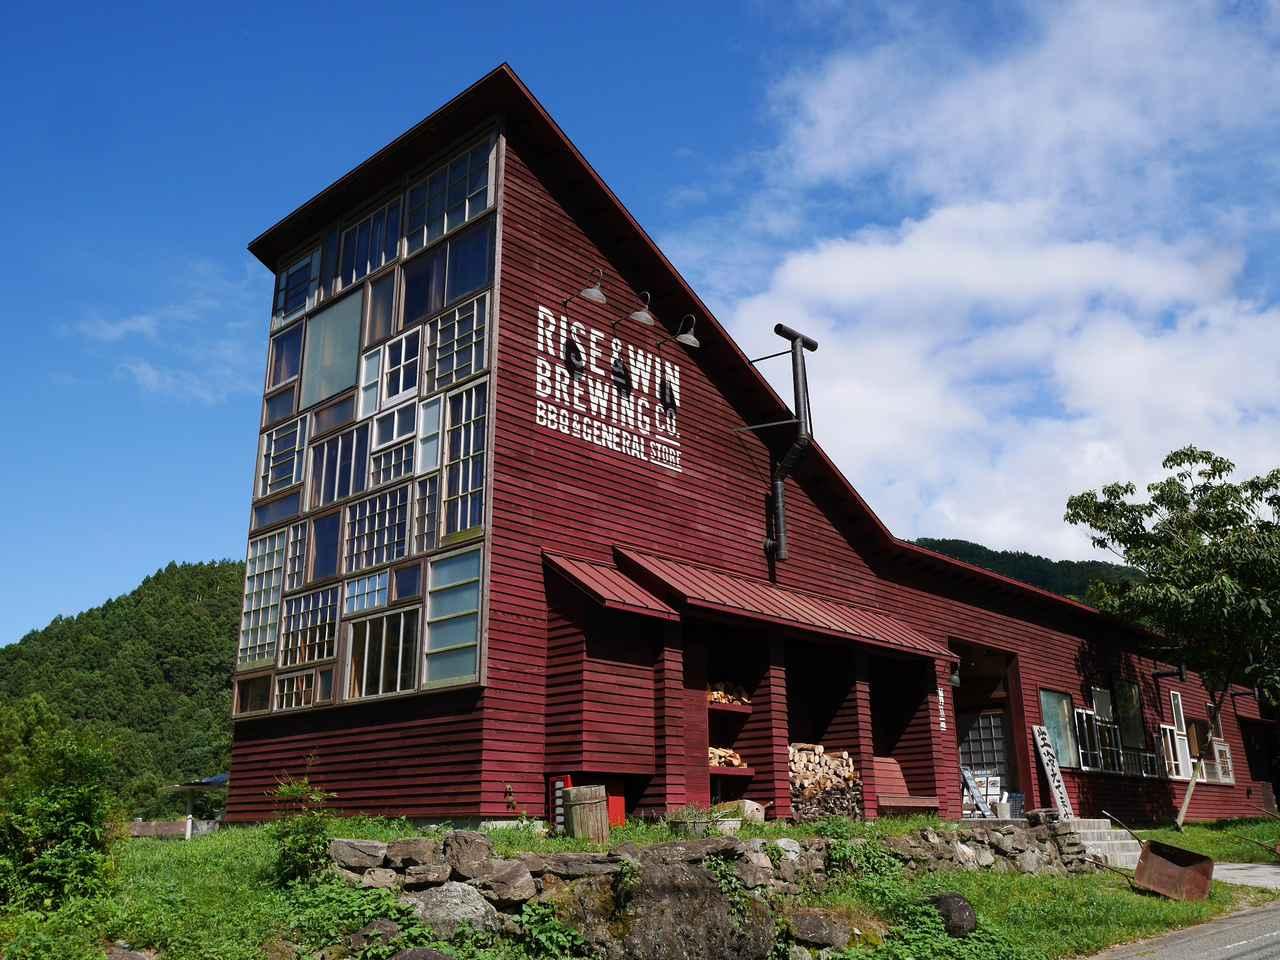 画像: 2003年にゴミ自体を出さない「ゼロ・ウェイスト宣言」をしたことでも知られる徳島県上勝町の「RISE & WIN Brewing Co. 」。東京東麻布にも「カミカツタップルーム)」を出店する人気のブルワリーだ